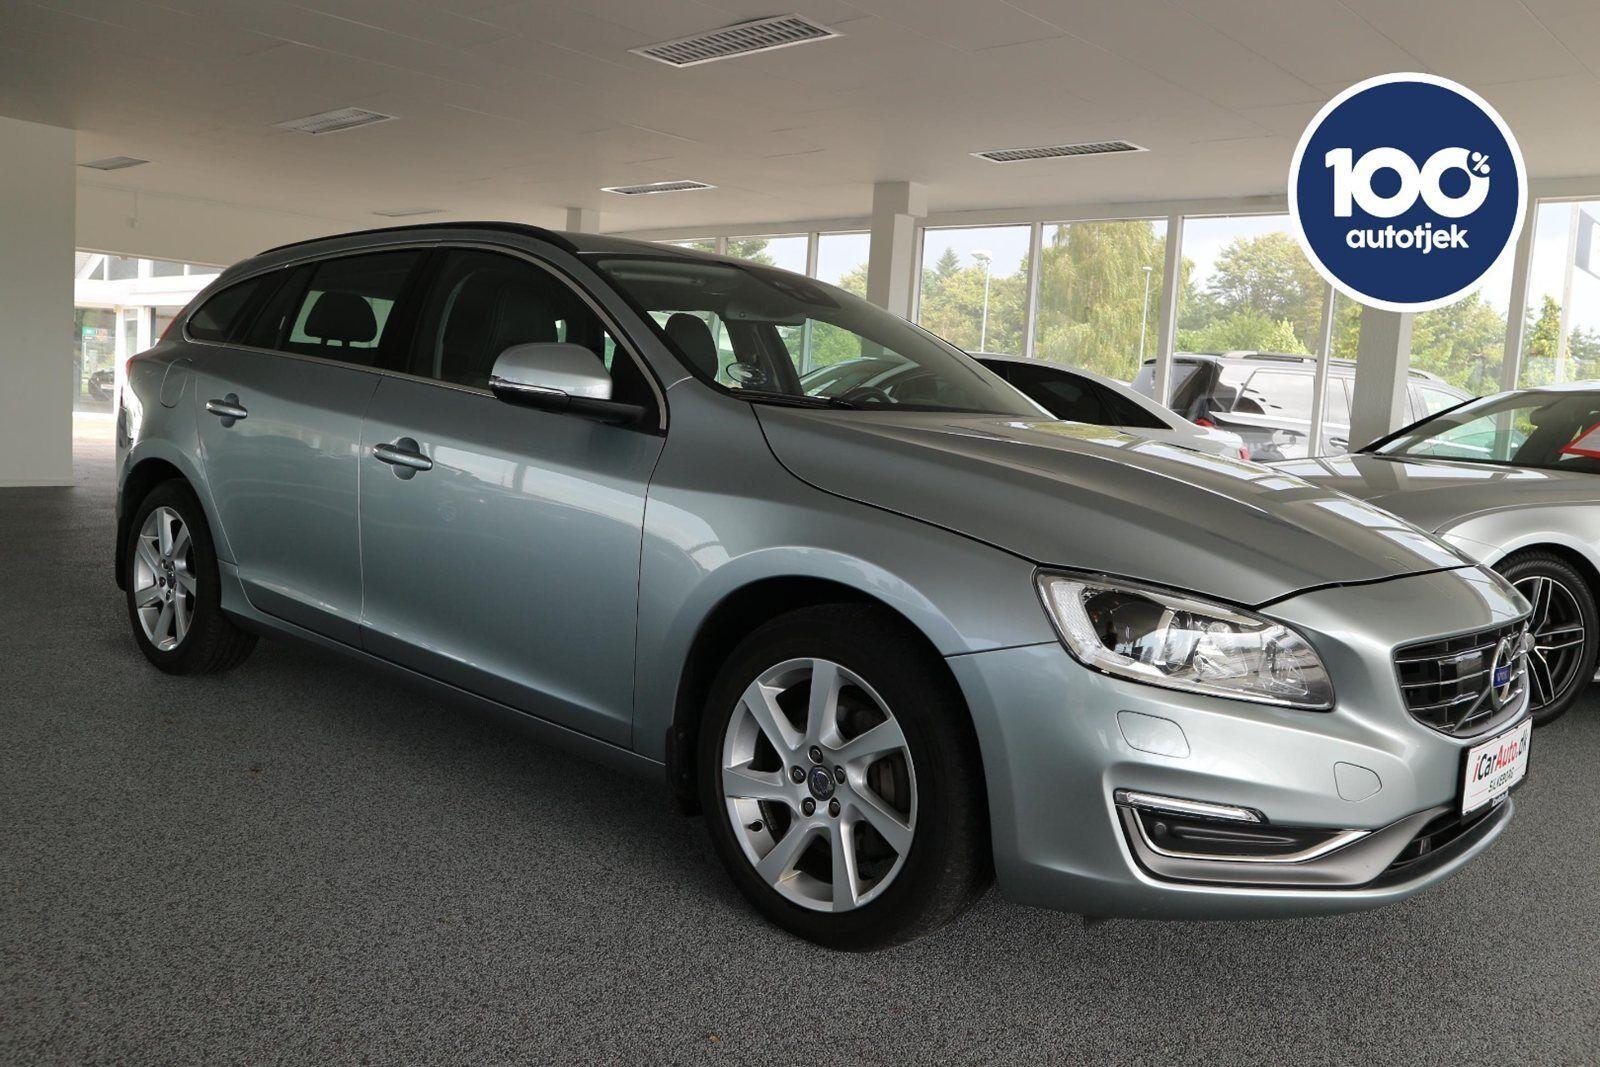 Volvo V60 2,4 D5 215 Momentum aut. 5d - 349.900 kr.